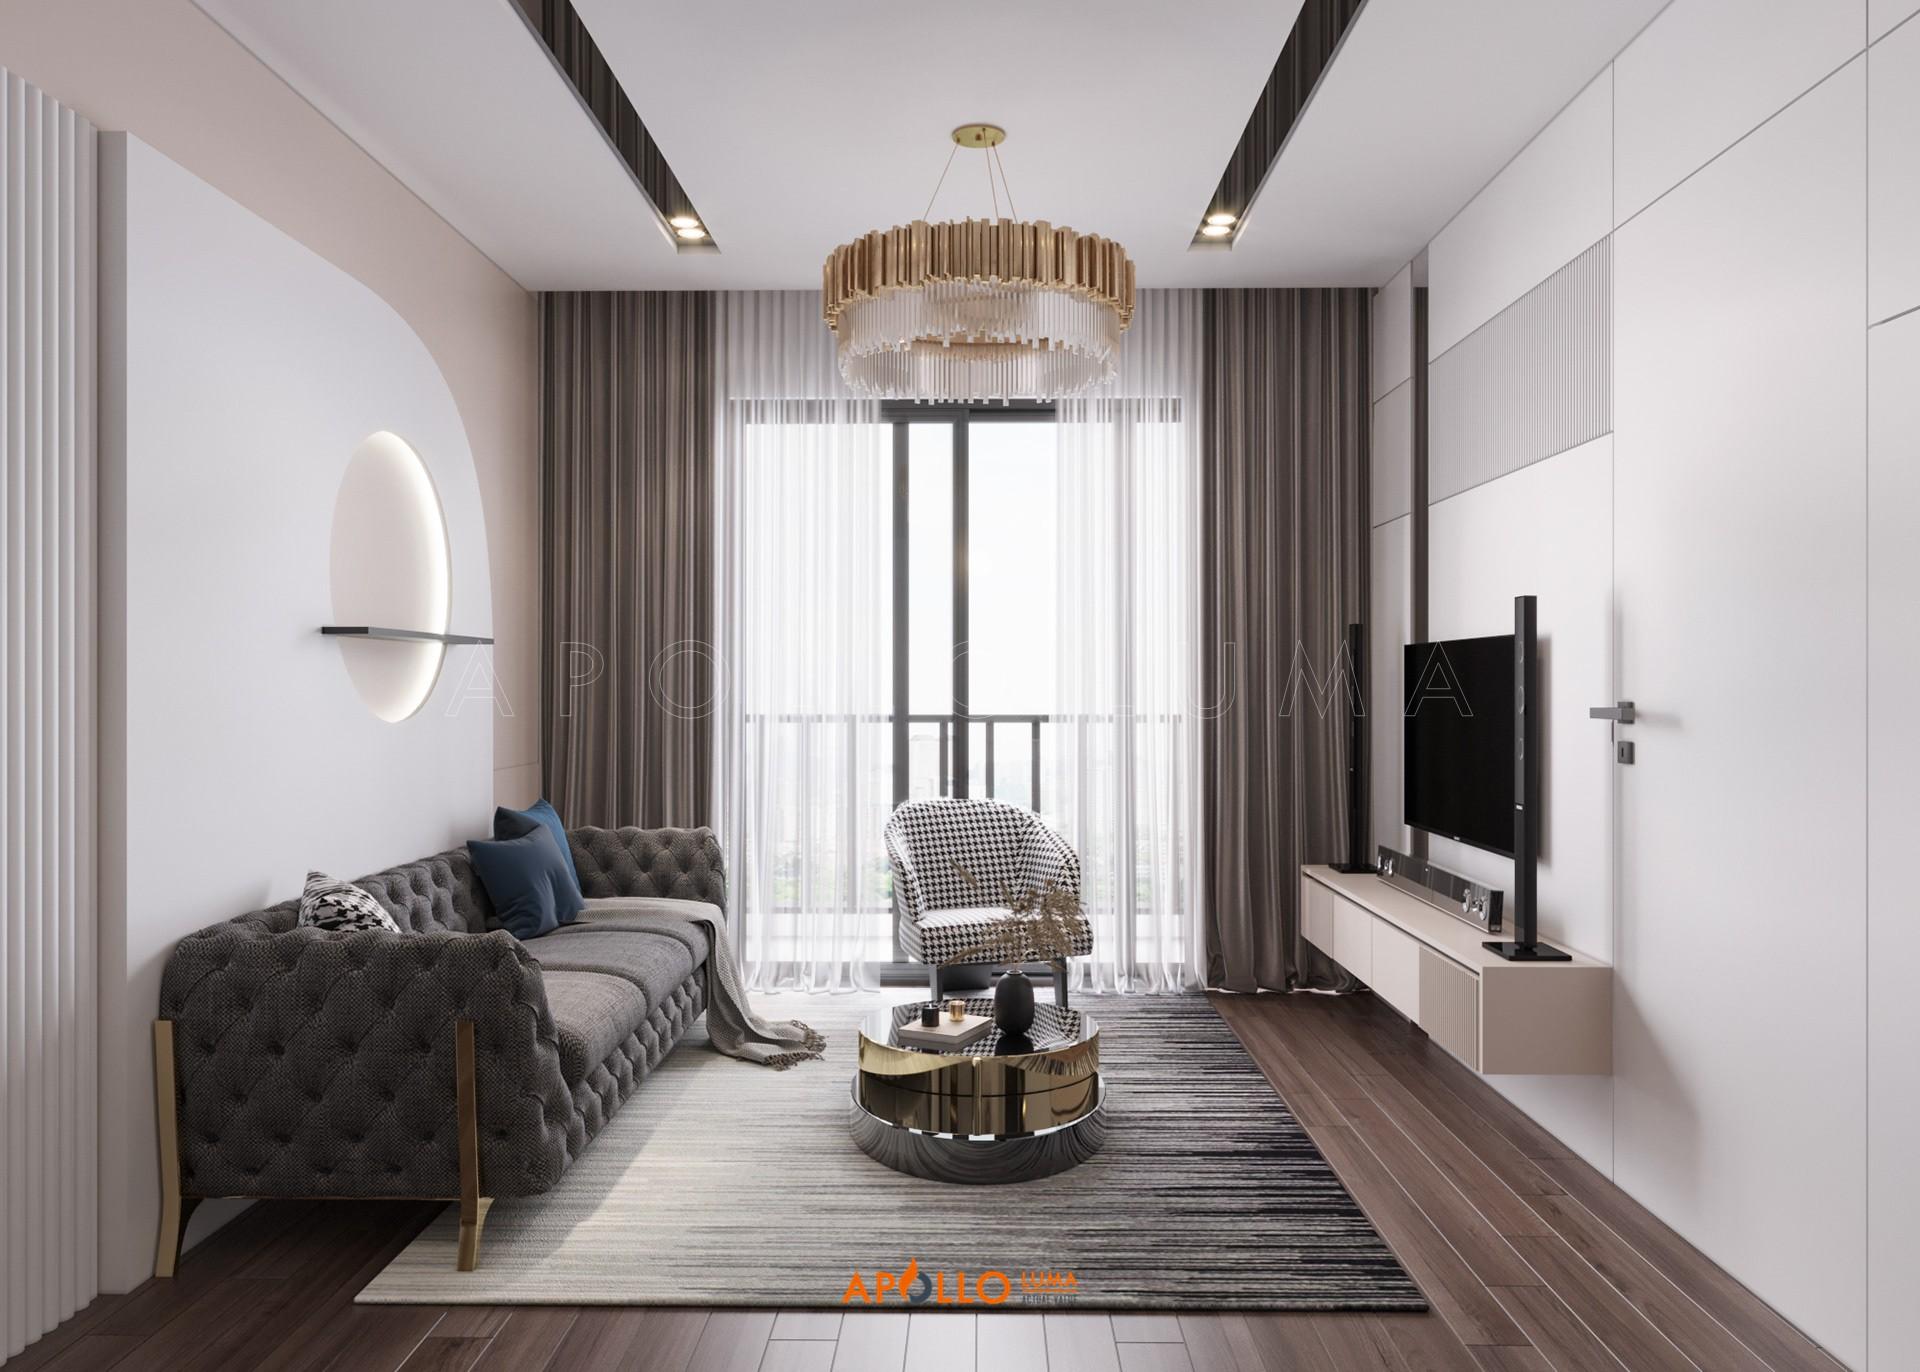 Thiết kế nội thất căn 3 phòng ngủ (89m2) Vinhomes West Point